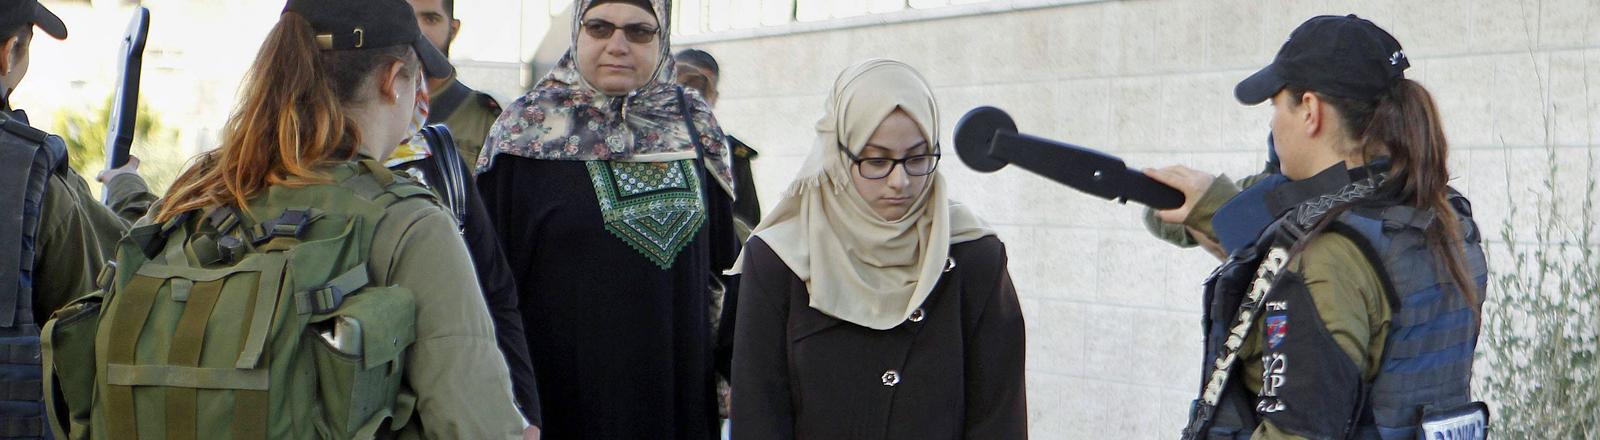 Kontrollen am Checkpoint zwischen Jerusalem und Bethlehem.